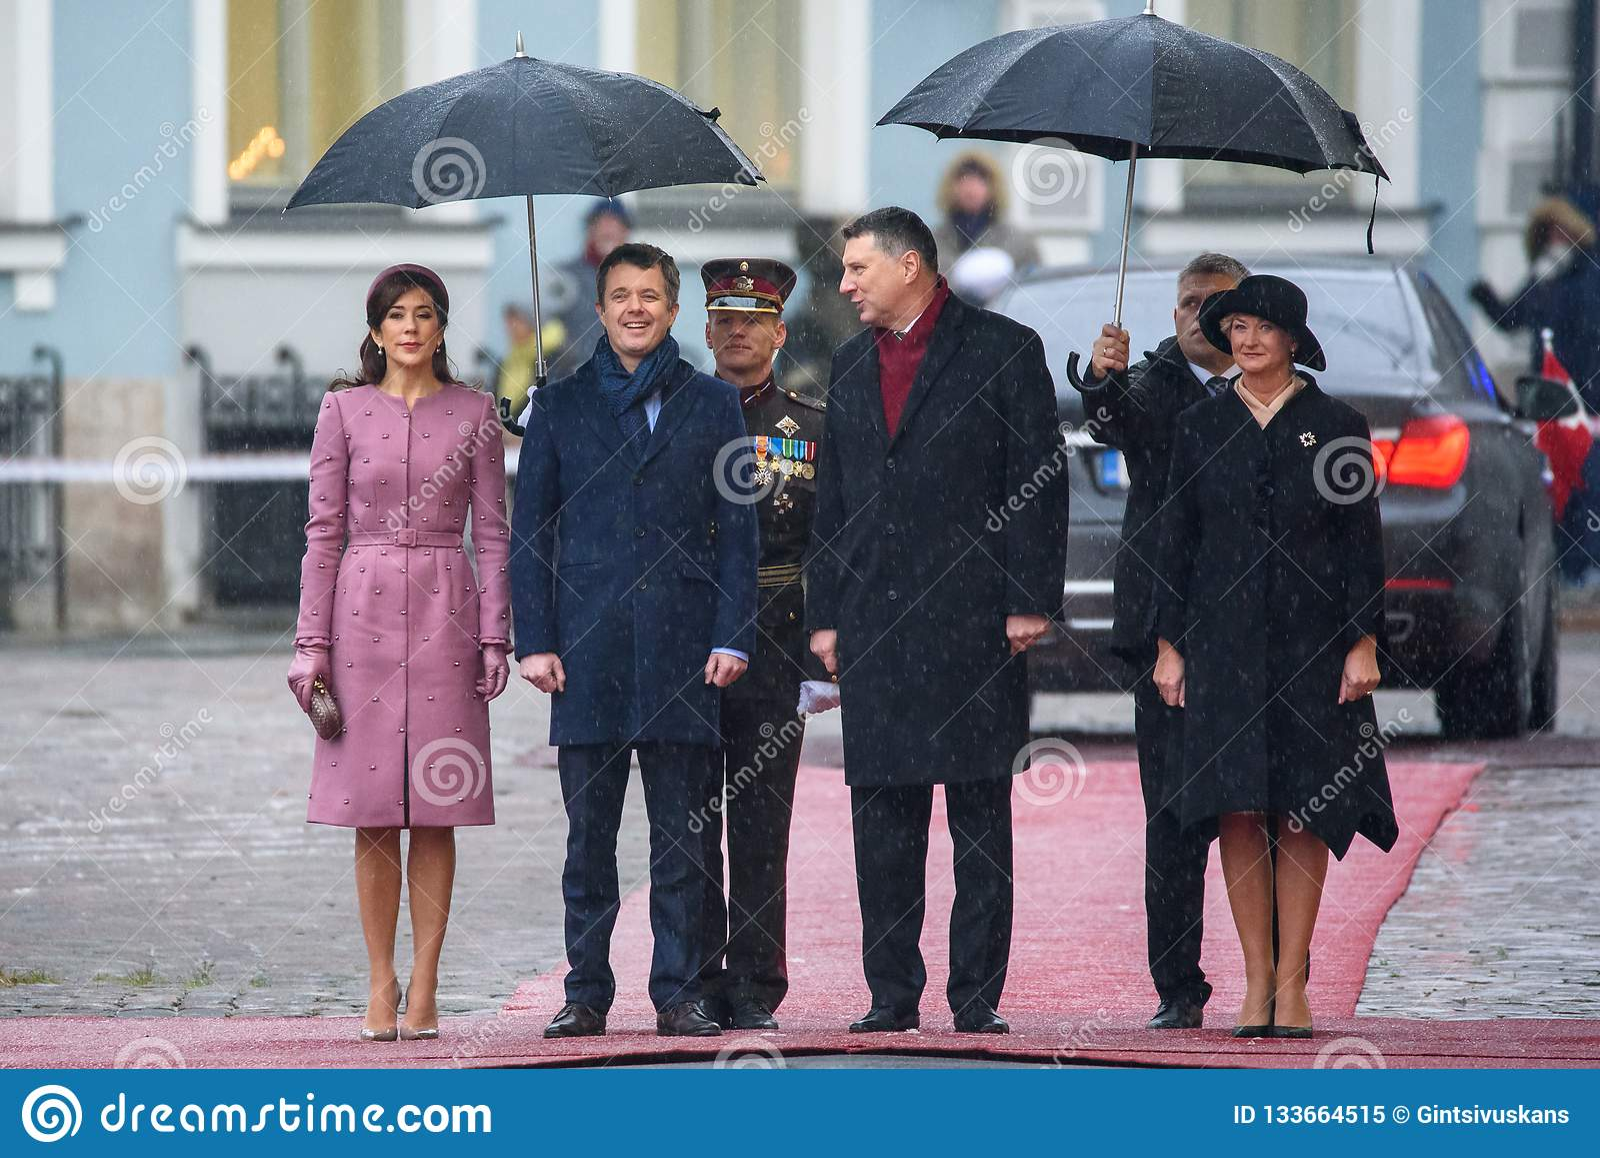 Kronprins av Danmark Frederik, kronprinsessa Mary Elizabeth av Danmark, Raimonds Vejonis och Iveta Vejone